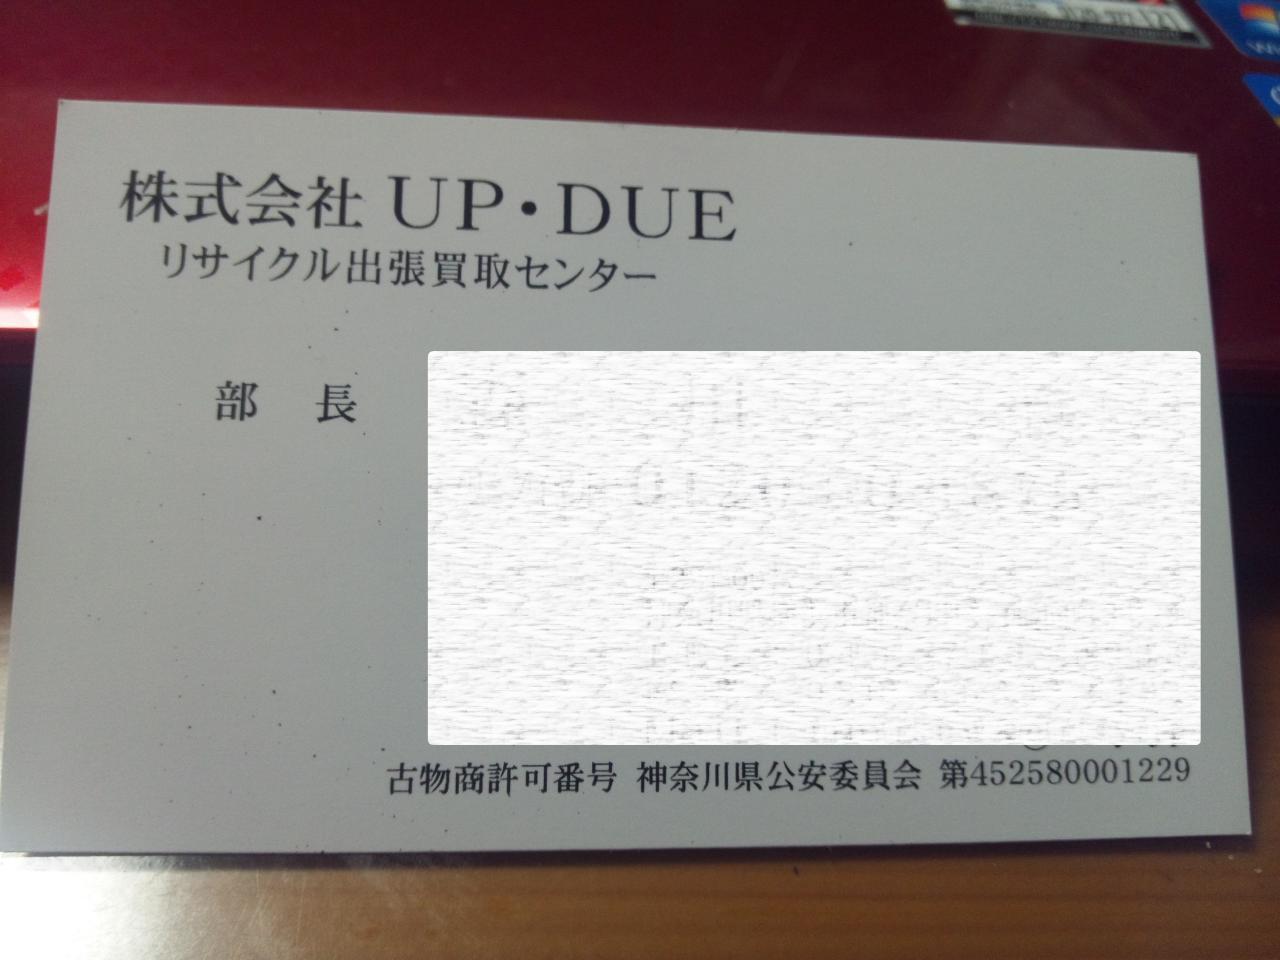 えぞや六角橋店(お客さん)